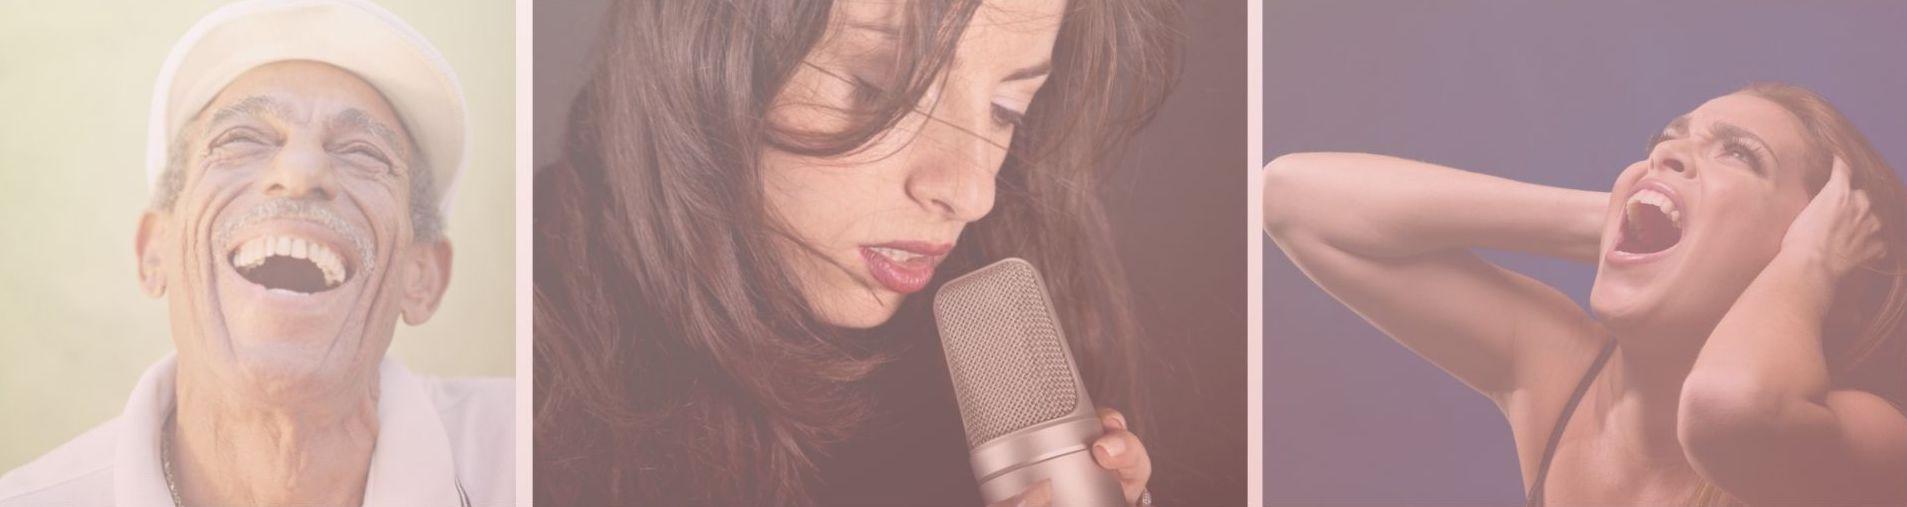 ein fröhlicher Mann, eine Frau mit Mikrophon, eine Frau ist verzweifelt, Emotionen in der Musik